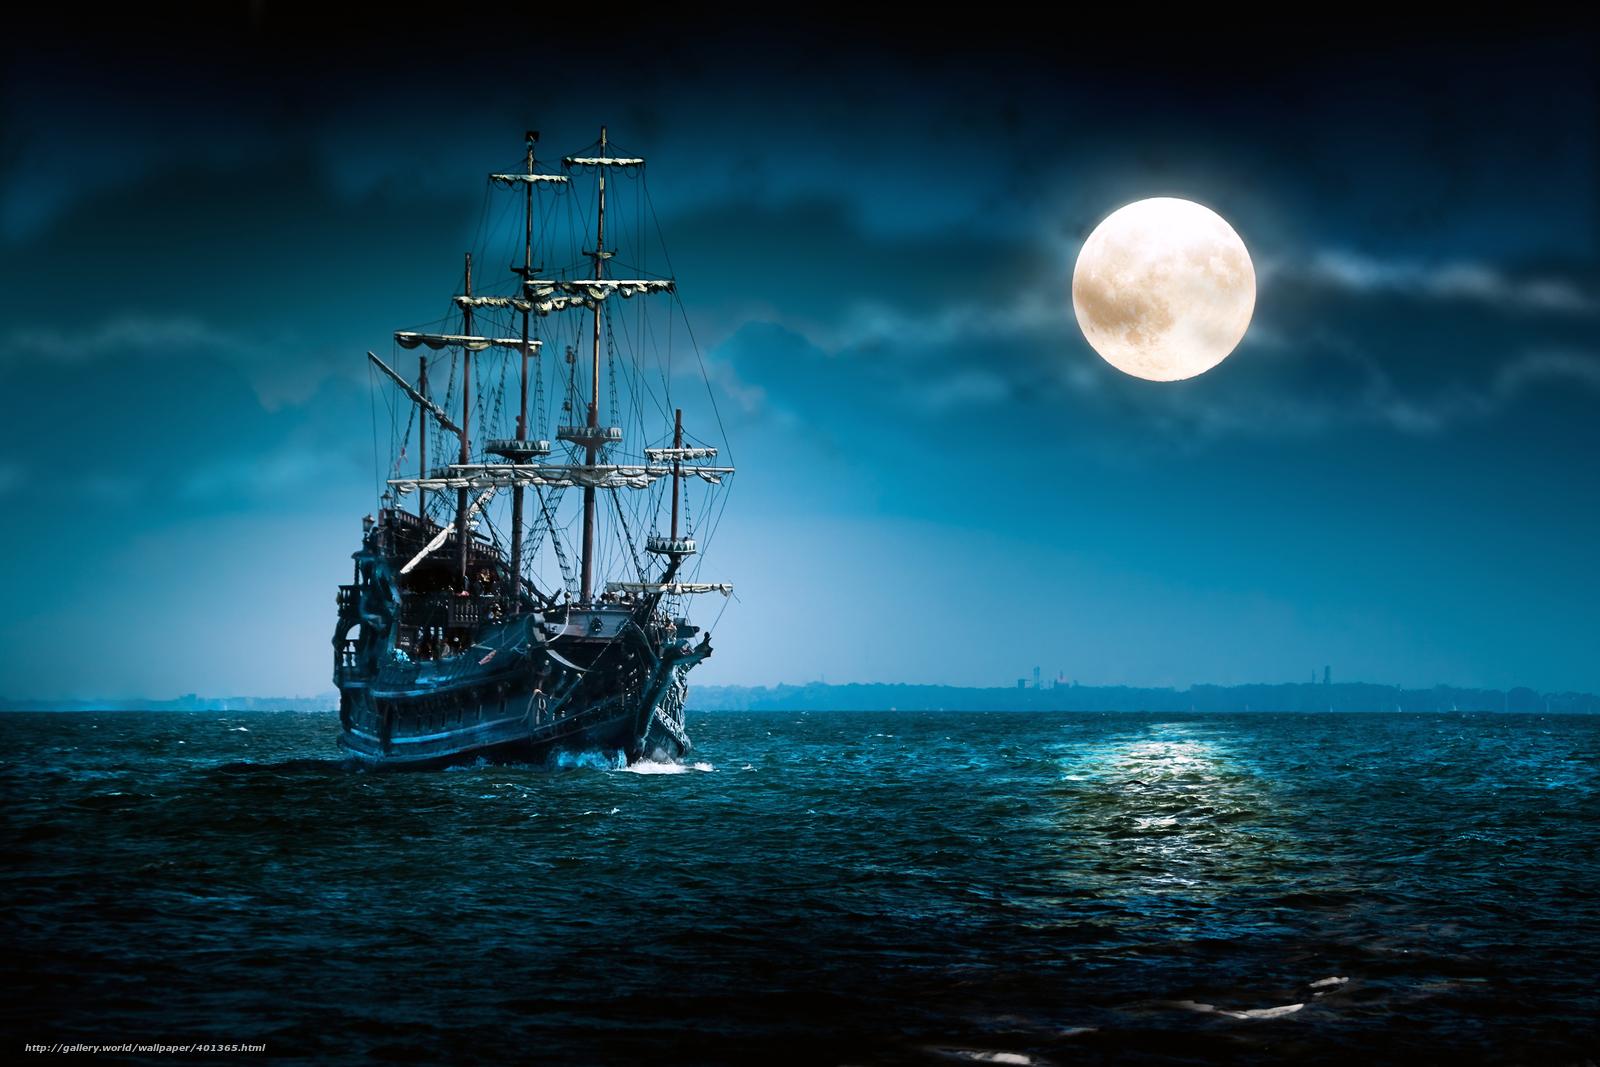 море, ночь, полнолуние, облака, корабль, плавание